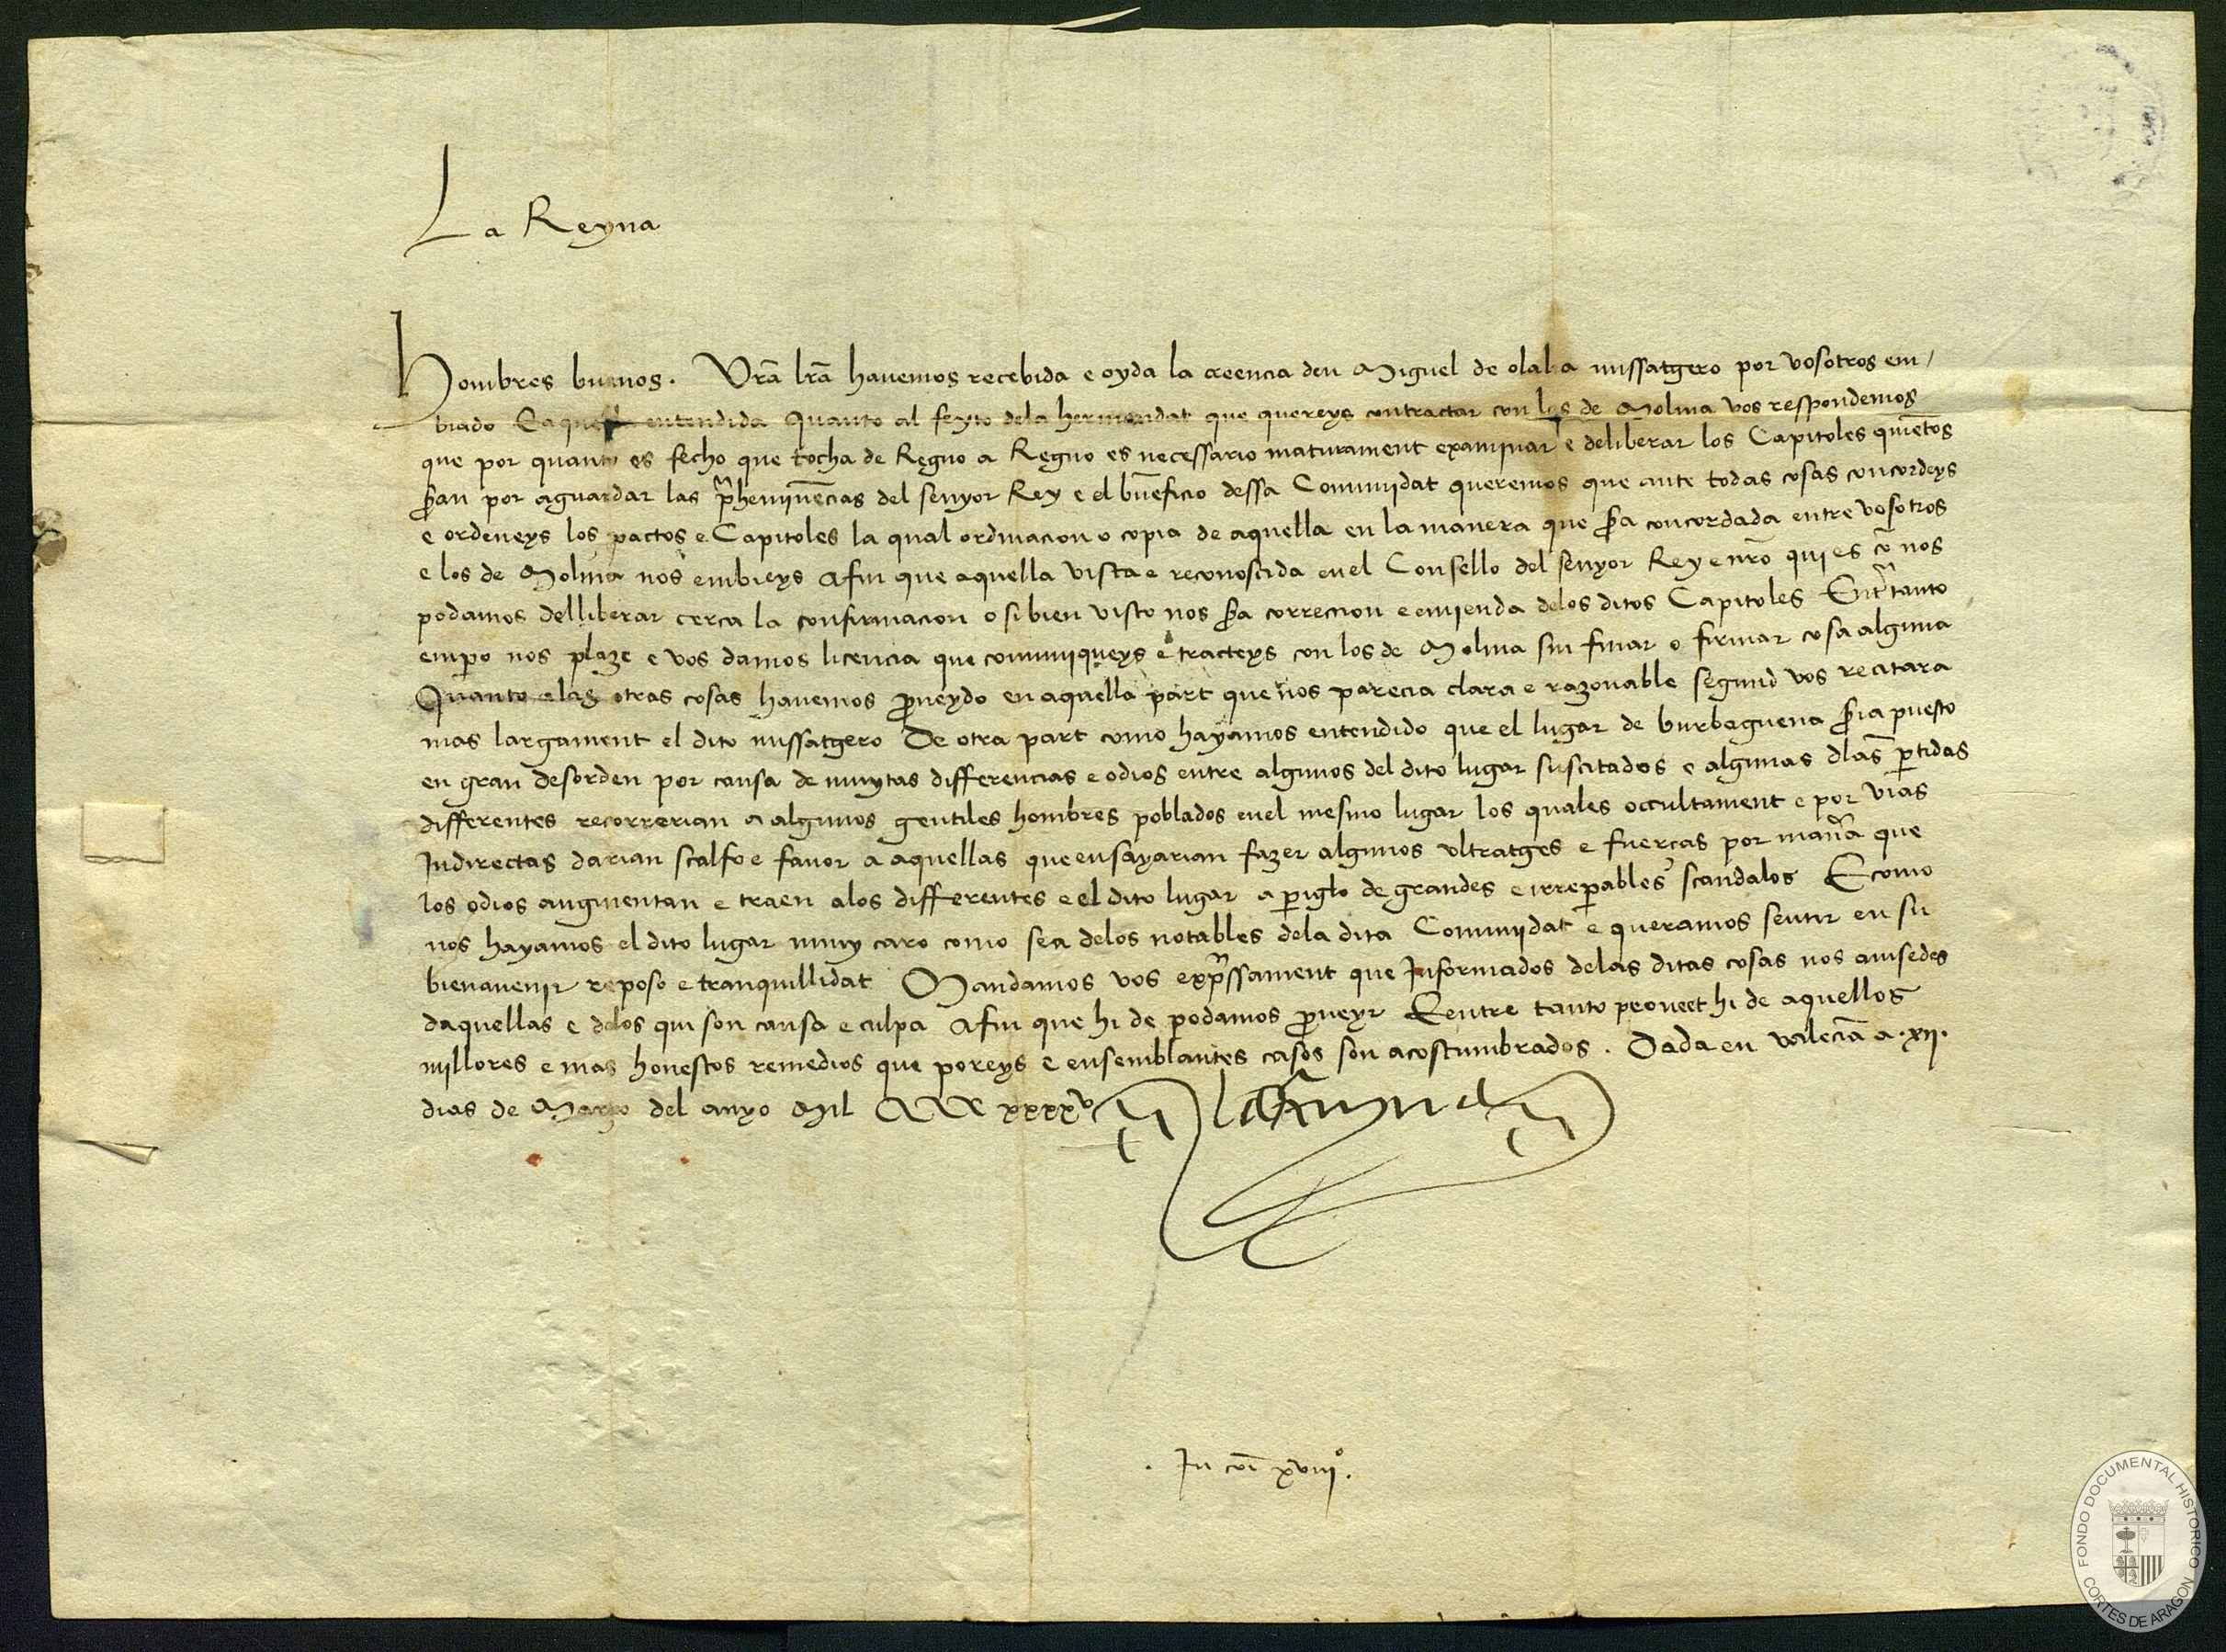 CARTA escrita en Valencia, de María de Castilla, reina de Aragón, esposa de Alfonso V el Magnánimo, dirigida a los escribanos, oficiales y hombres buenos de la comunidad de aldeas de Daroca, en respuesta a su solicitud de firmar una concordia con Moli.